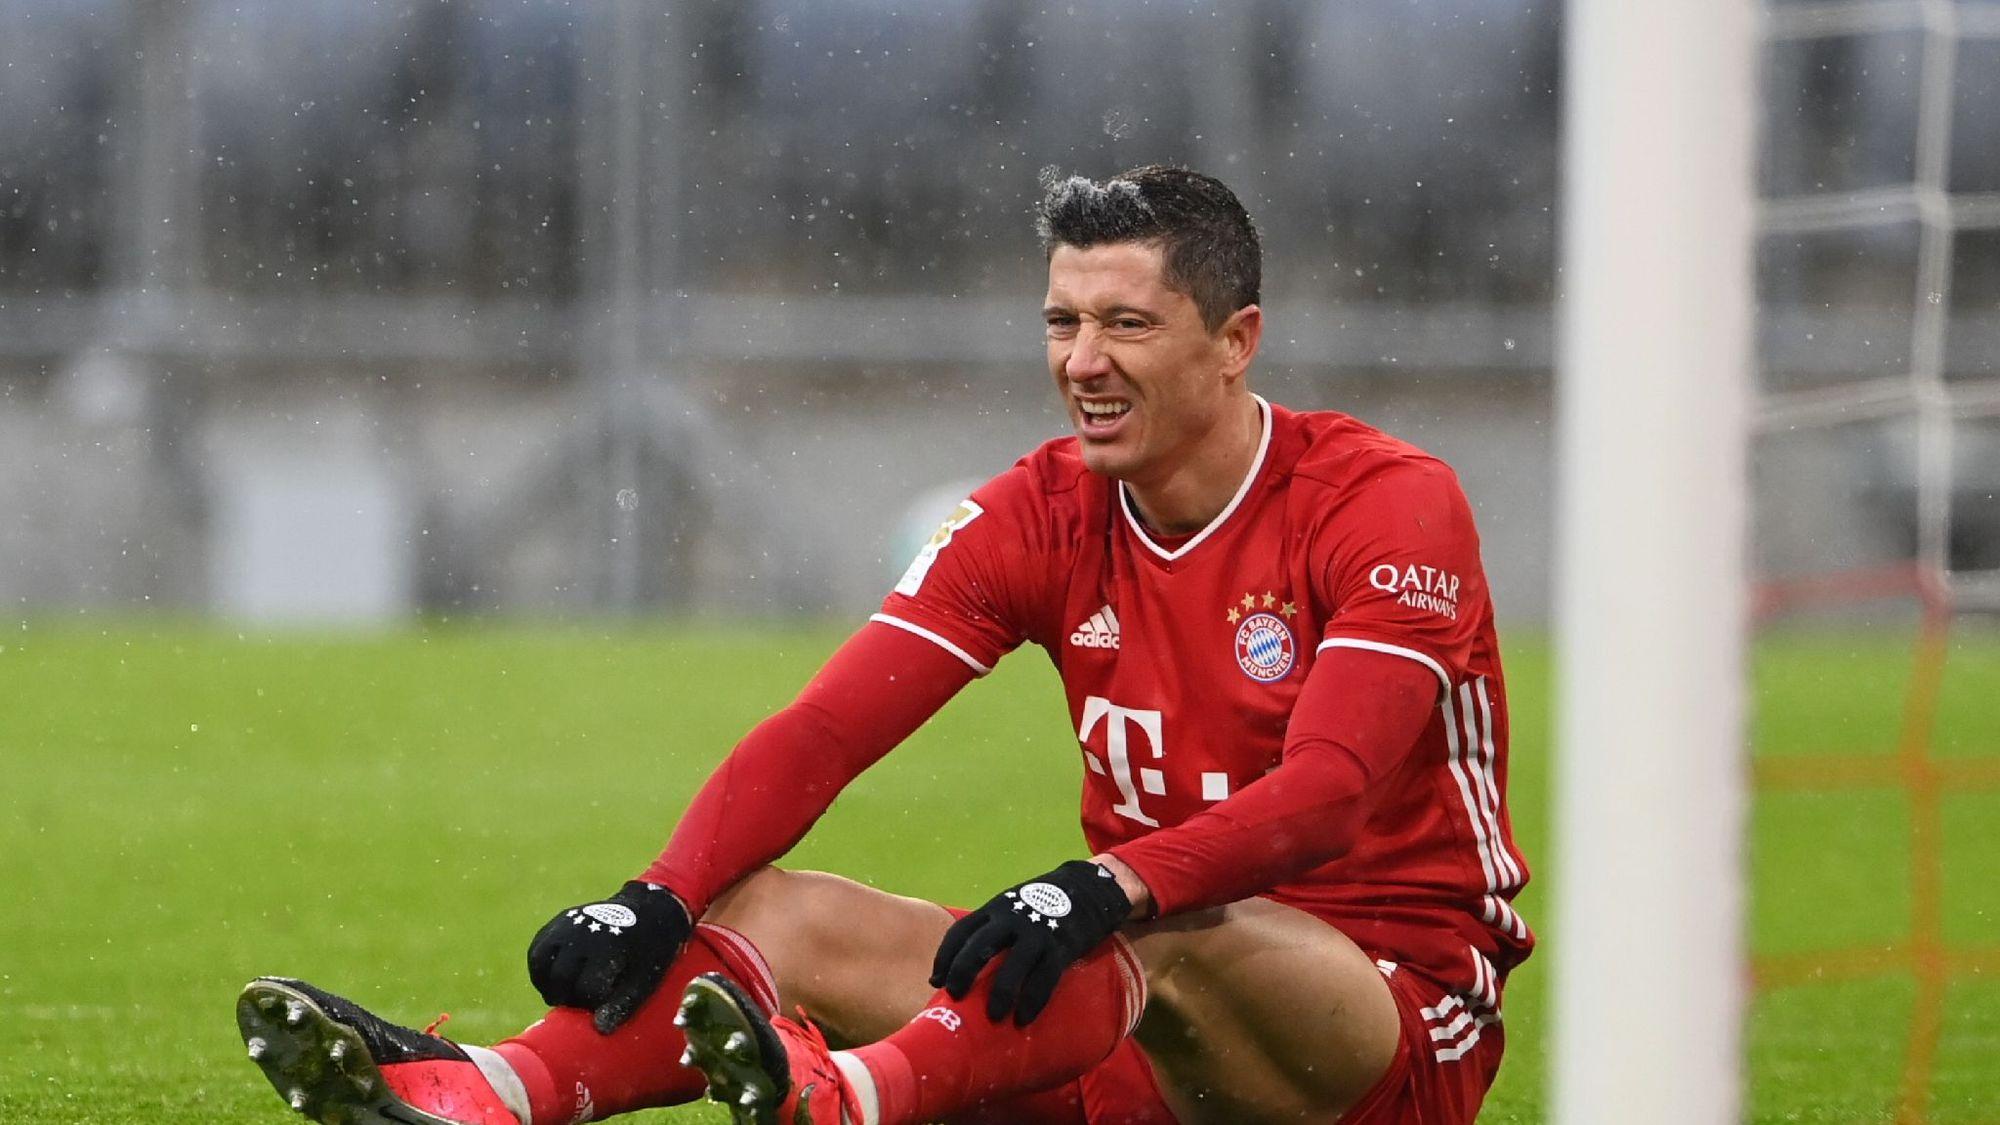 Lewandowski phải đá tới 60 trận chỉ trong vòng một năm qua, kể từ khi bóng đá trở lại sau Covid-19. Ảnh: AFP